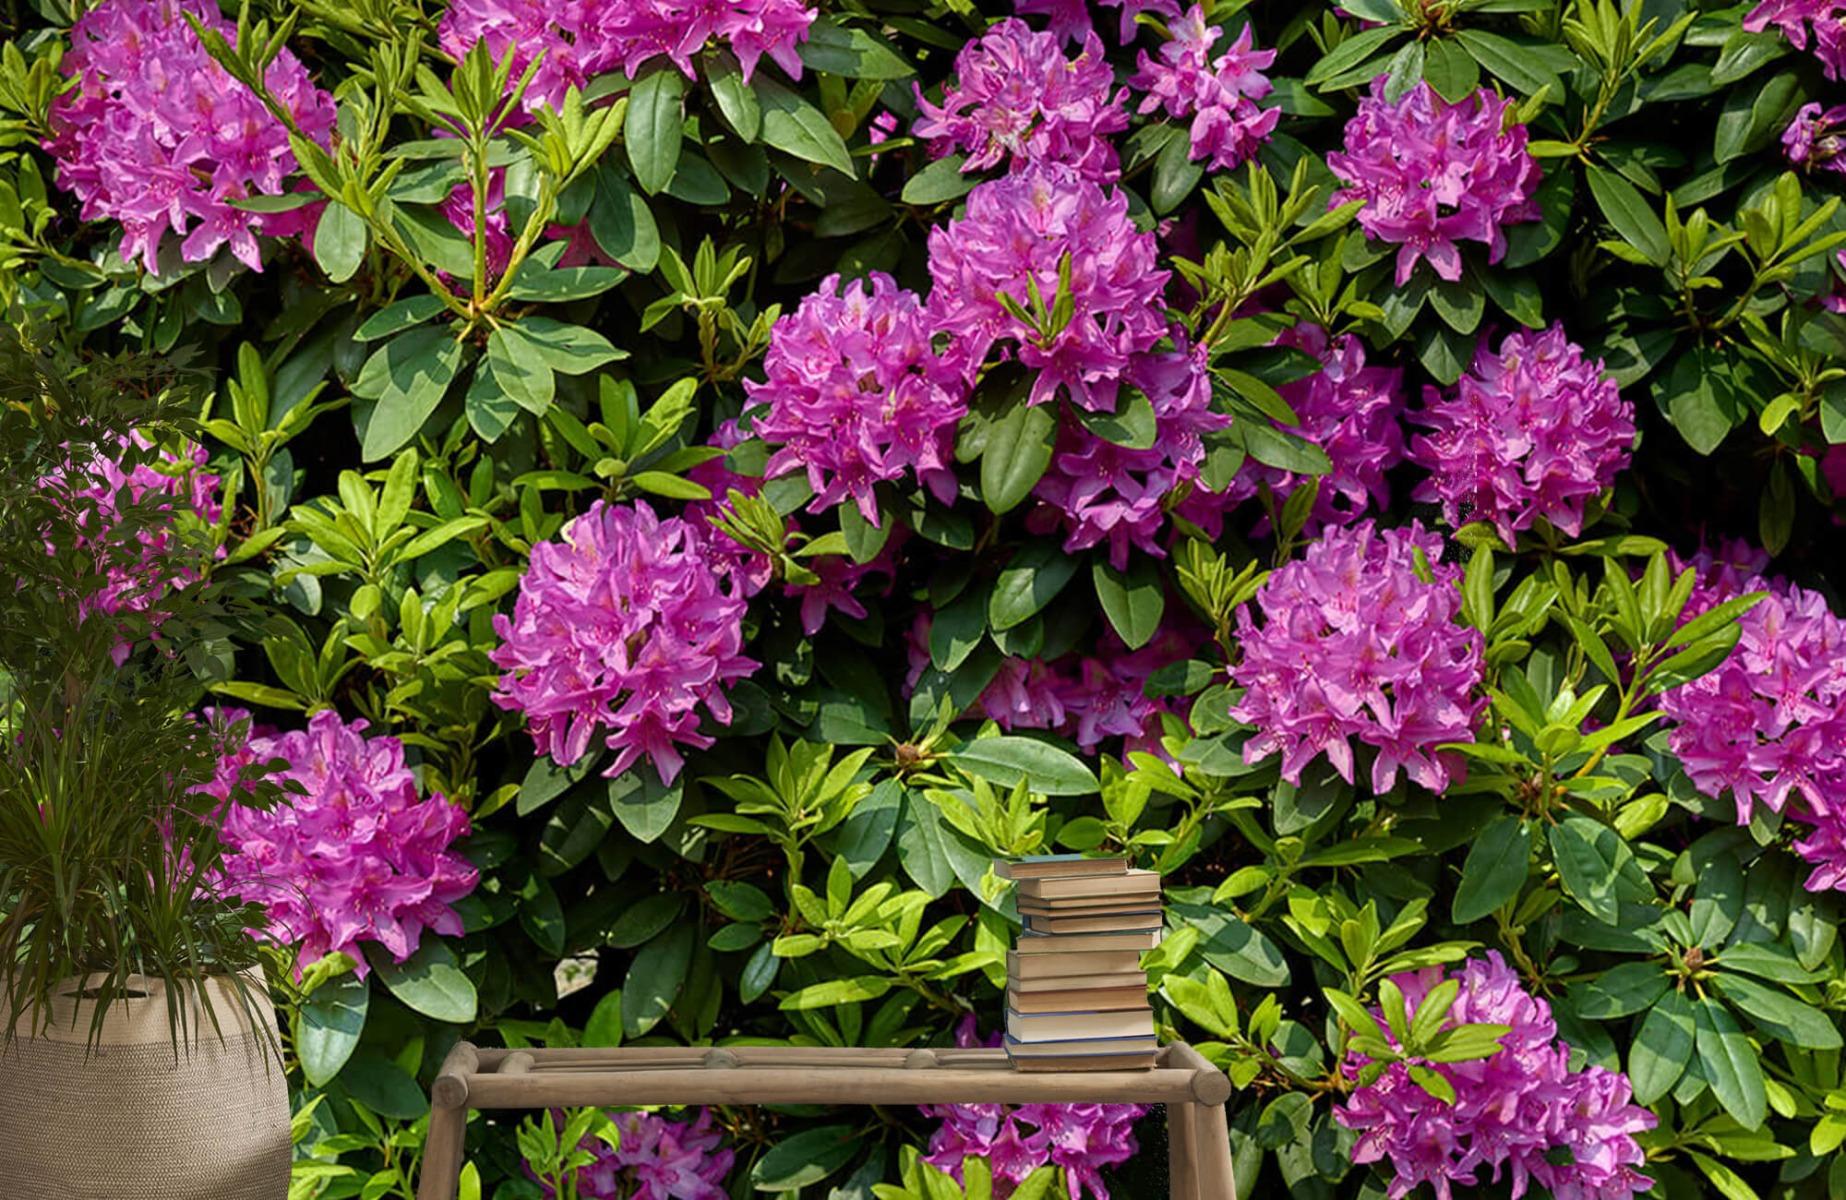 Bloemenvelden - Rododendrons - Wallexclusive - Slaapkamer 21